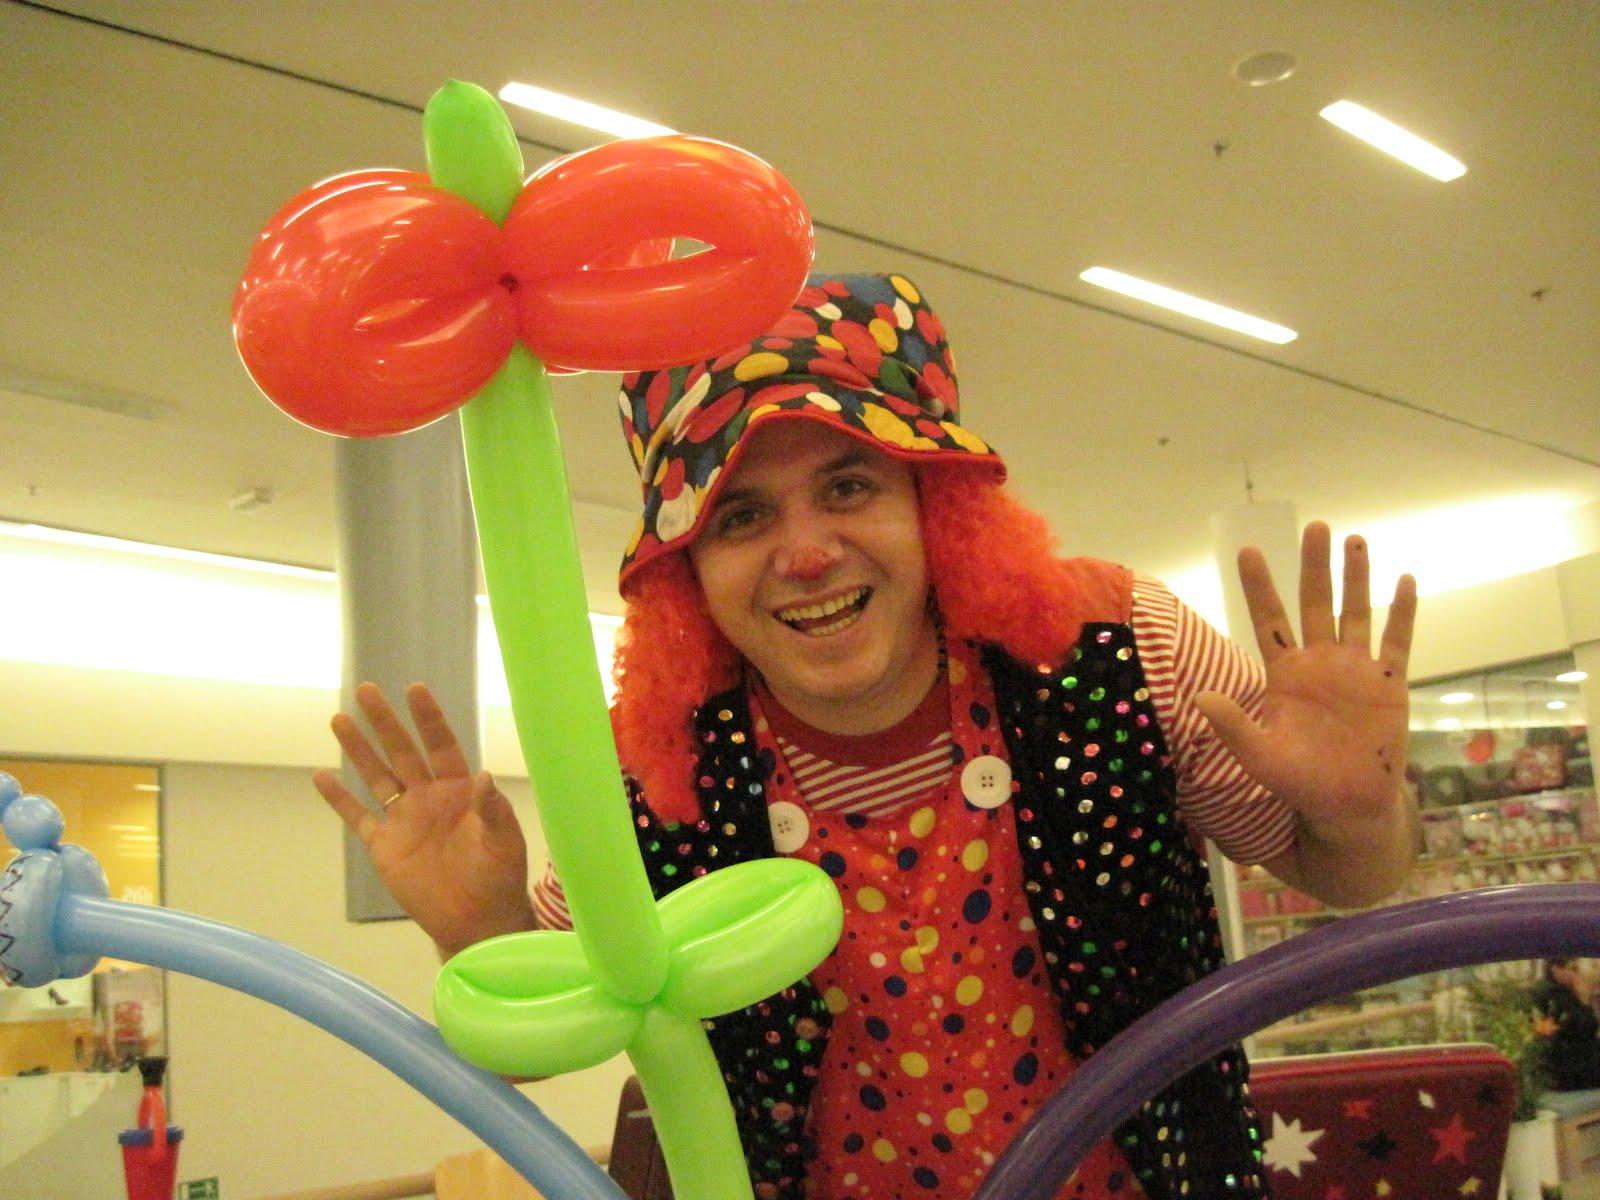 najam klauna za rođendan cijena Klaun za rođendane   Rijeka najam klauna za rođendan cijena